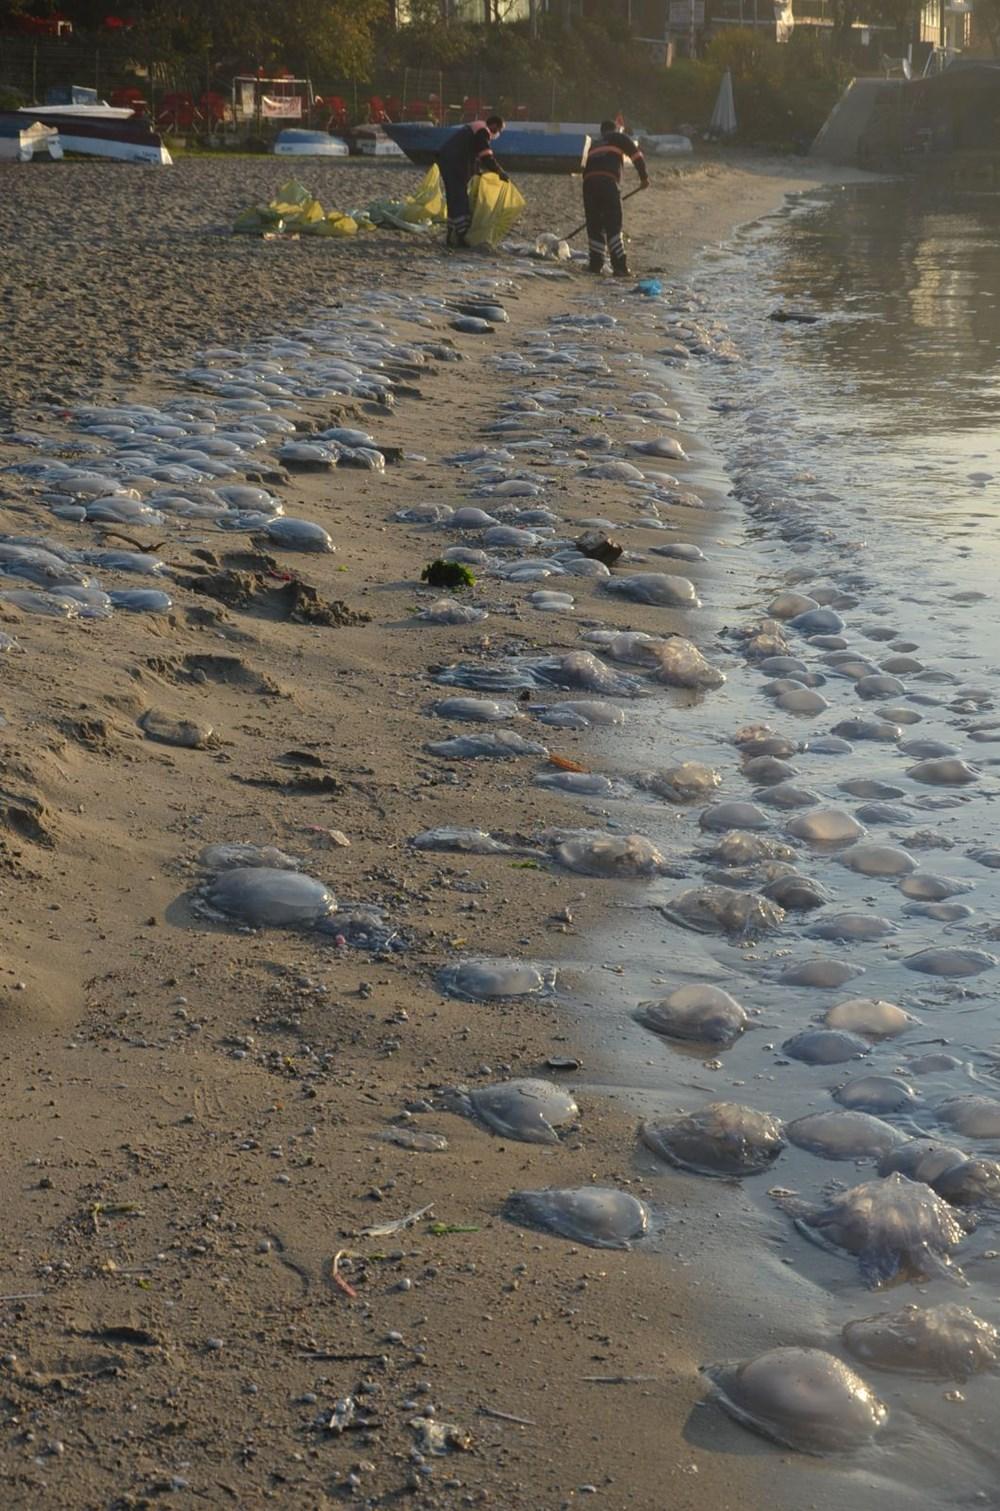 İstanbul'da korkutan dev denizanaları: Her biri en az bir kilo ağırlığında - 7